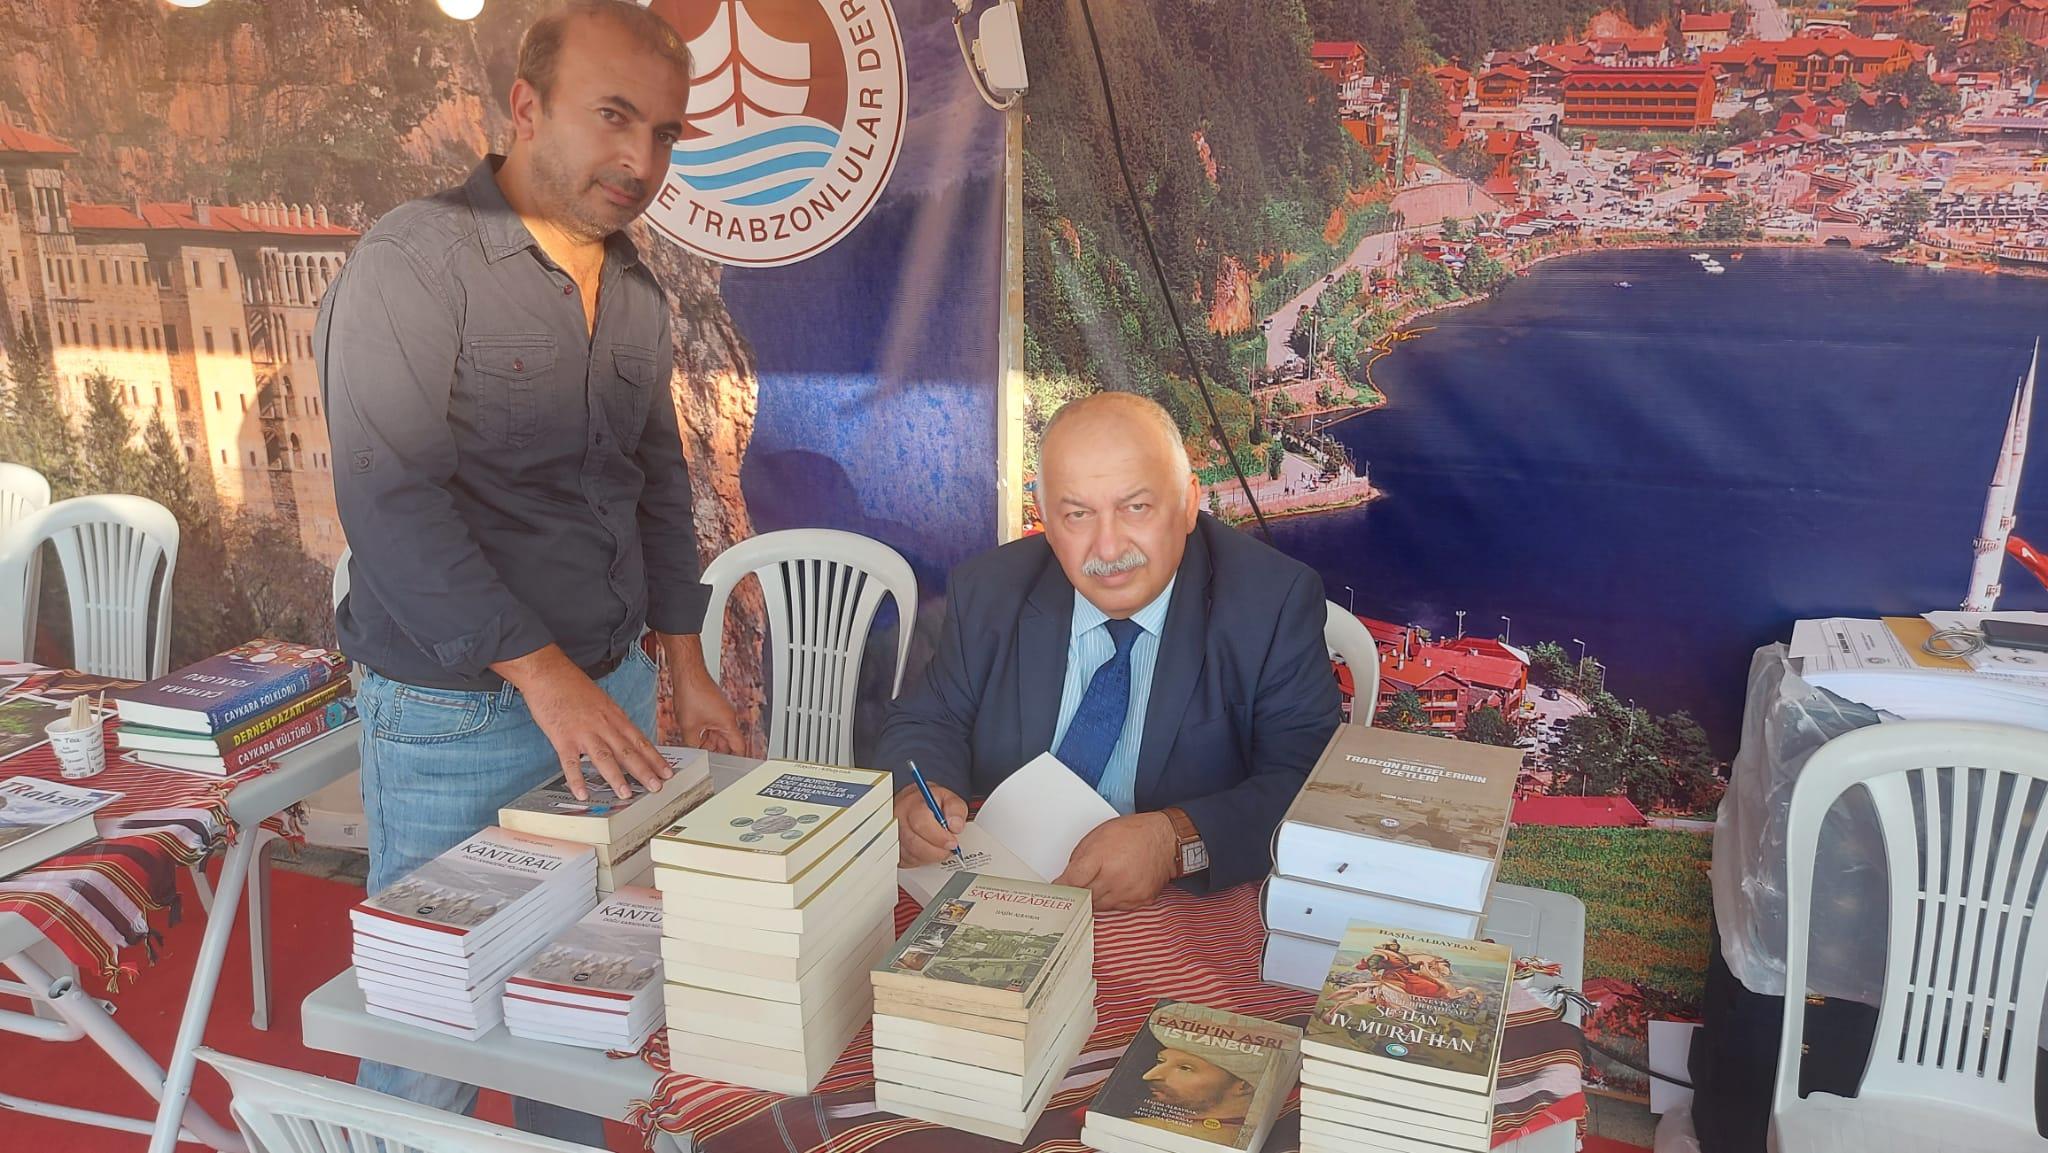 Tarihçi Yazar Haşim Albayrak Küçükçekmece Trabzon günlerinde Trabzon'un tarihini bir kez daha hatırlattı